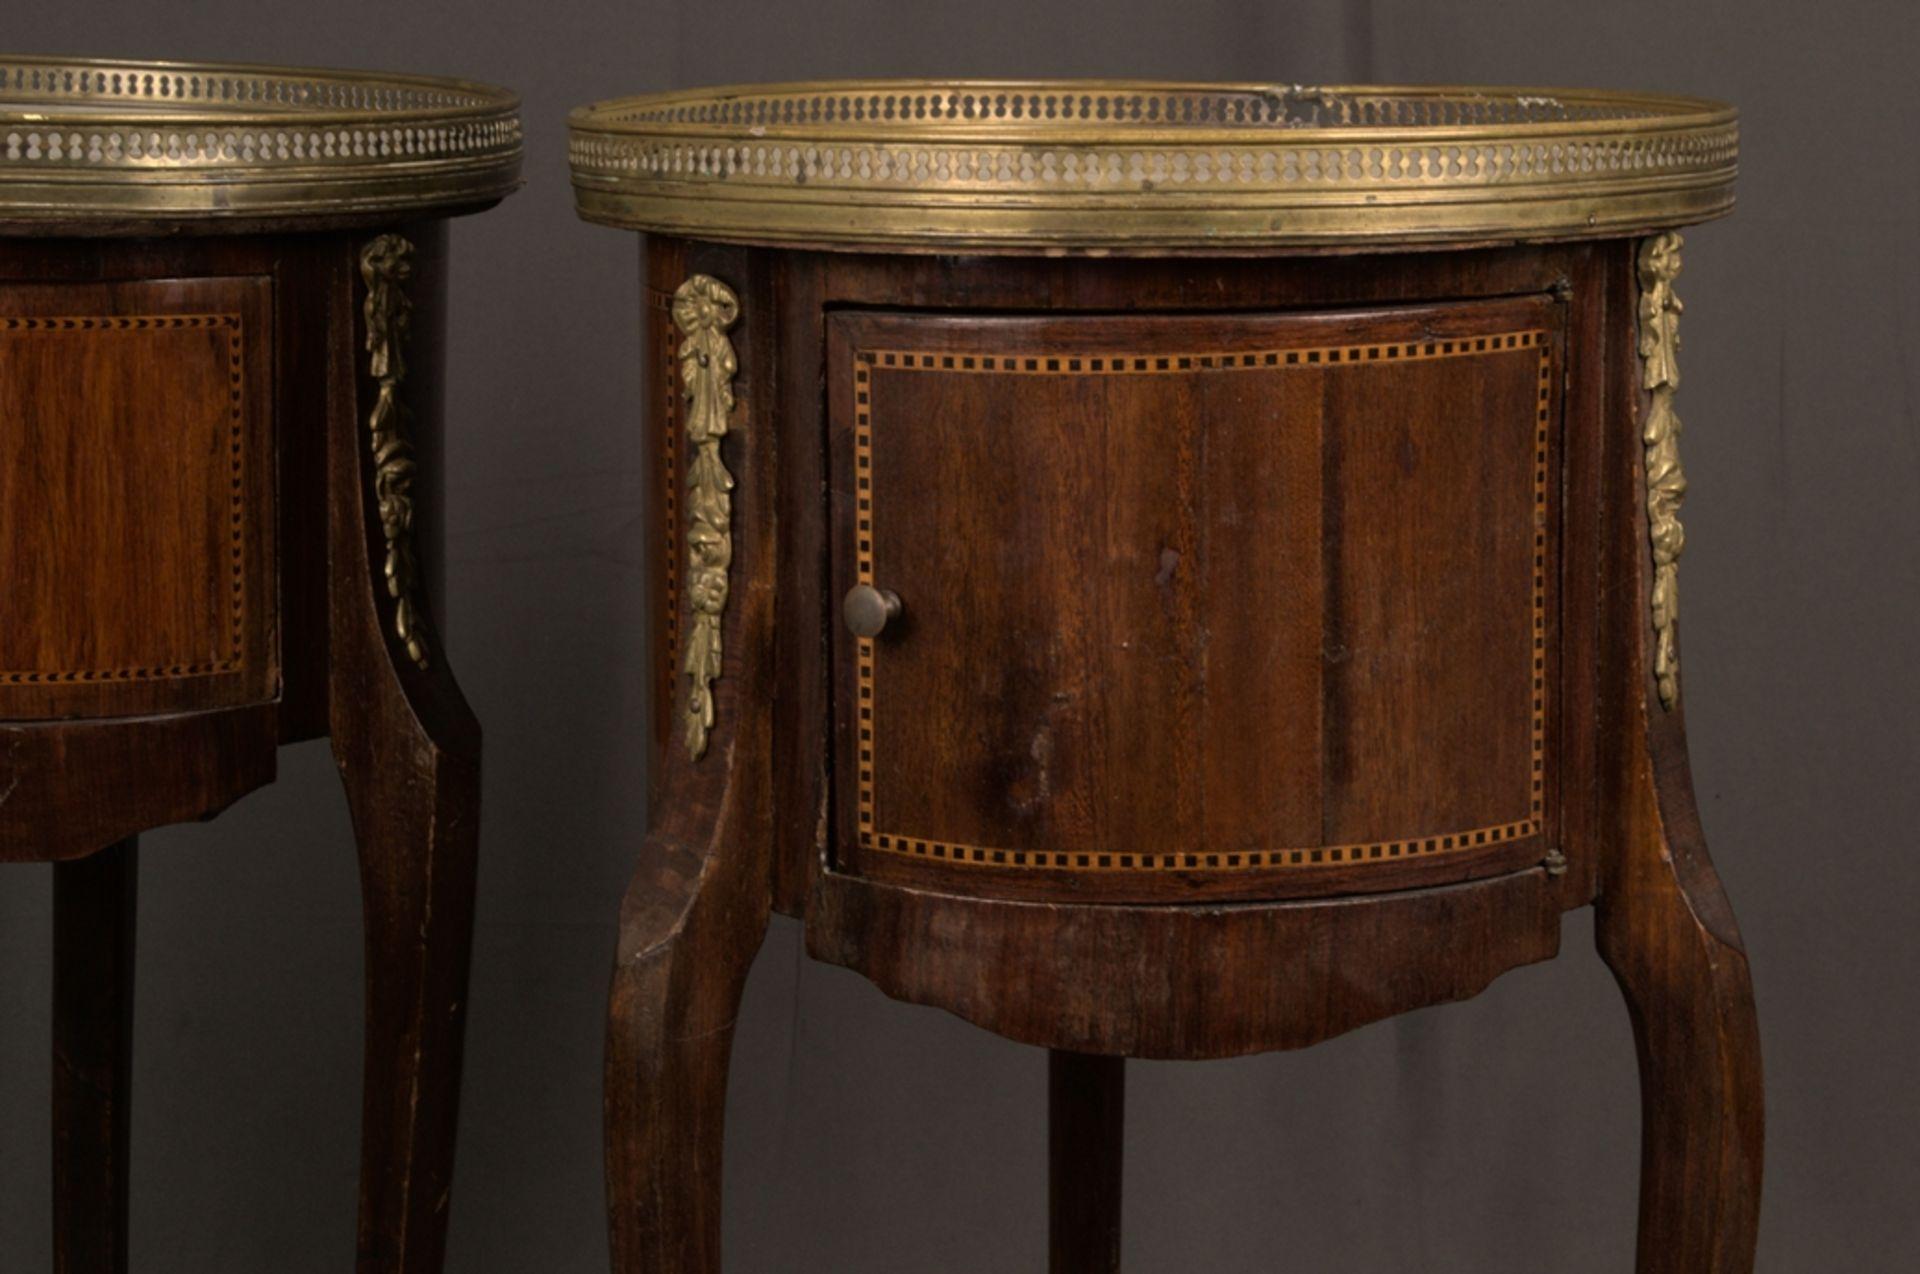 Paar eleganter, dreibeiniger Beistelltische sog. Gueridons, Frankreich 19./20. Jhd. Eintüriger - Bild 8 aus 19